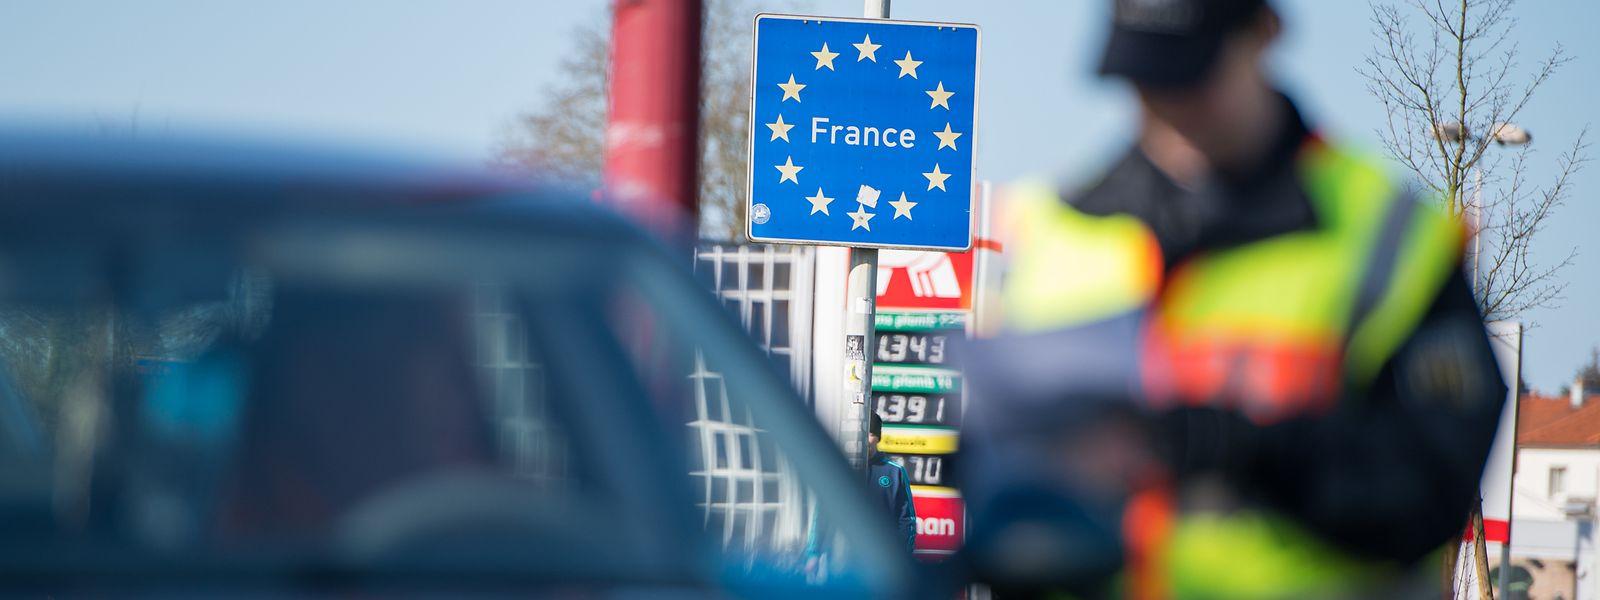 Die deutsch-französische Grenze im Saarland ist dicht.